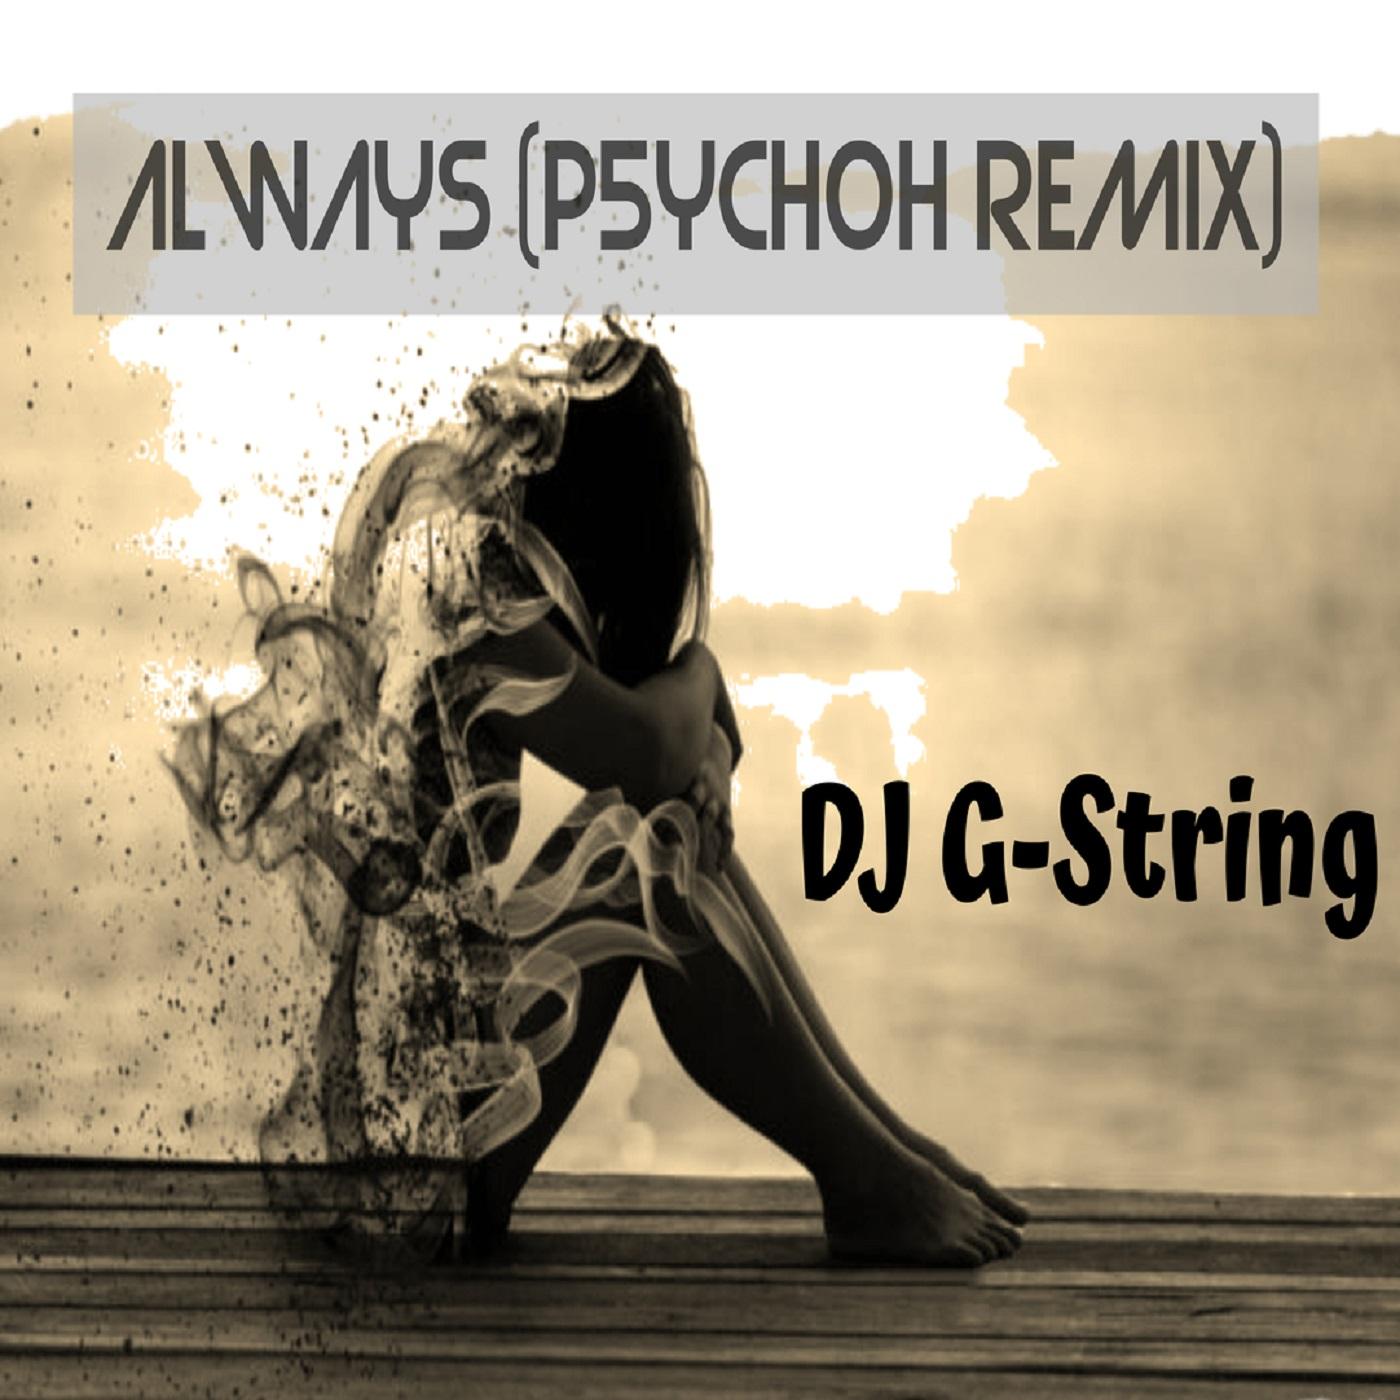 LISTEN! Always (PSYCHOH Remix) – DJ G-String